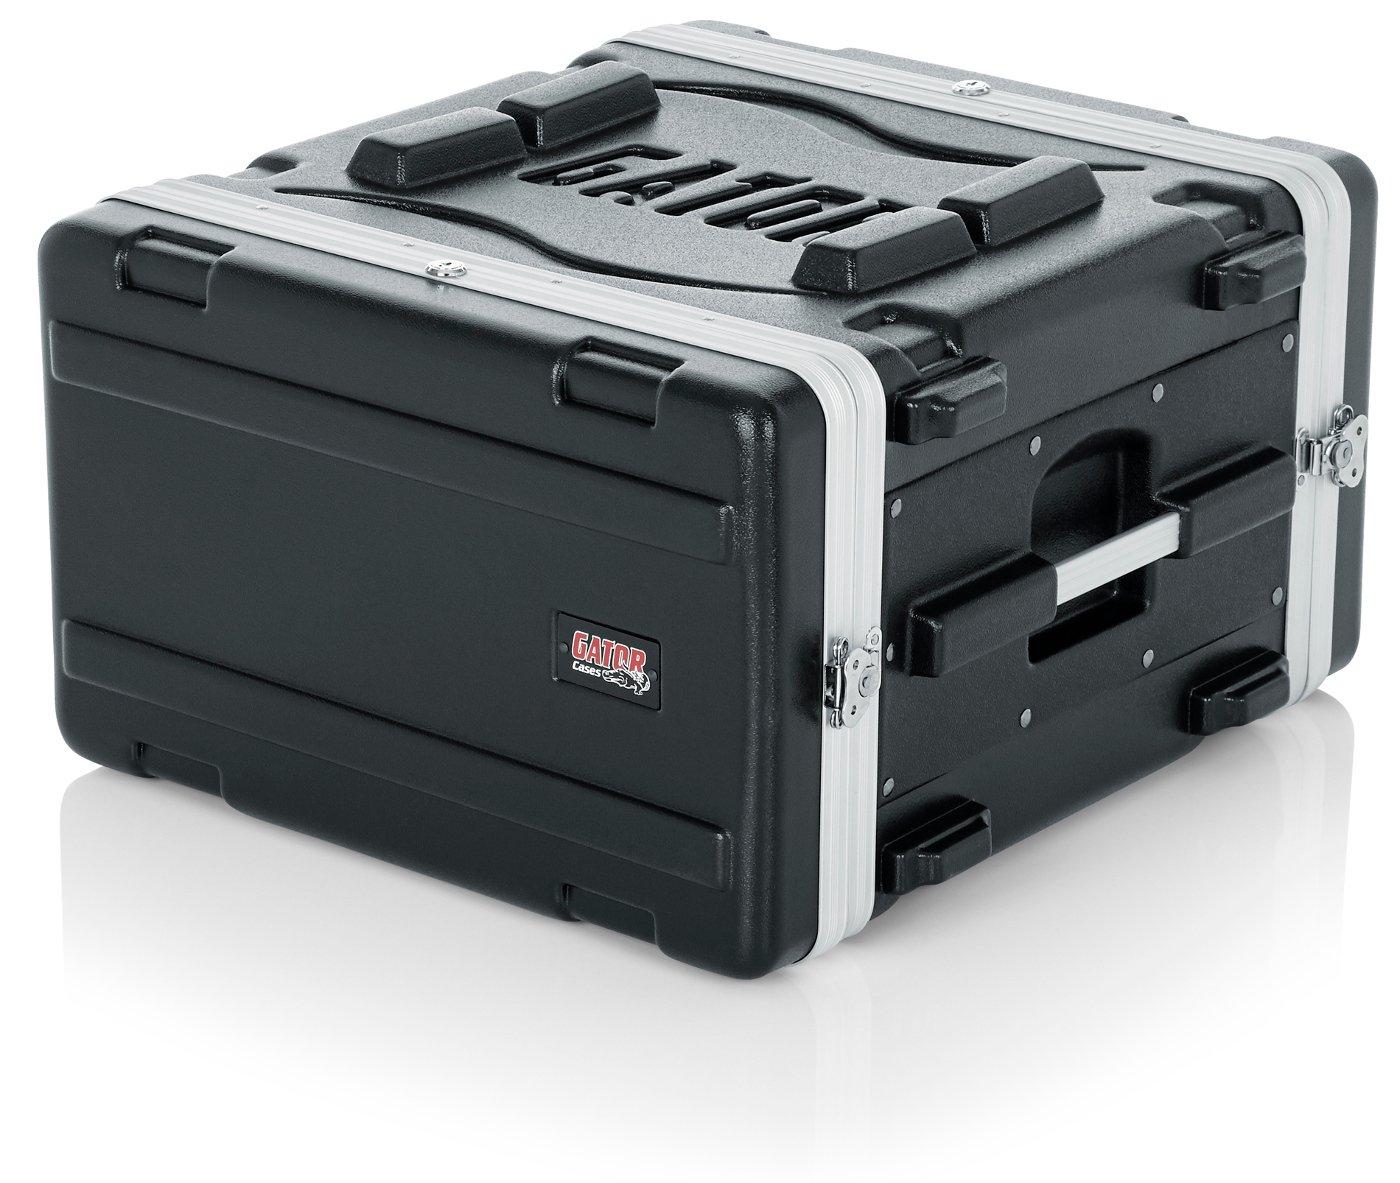 6RU Deluxe Polyethylene Rack Case